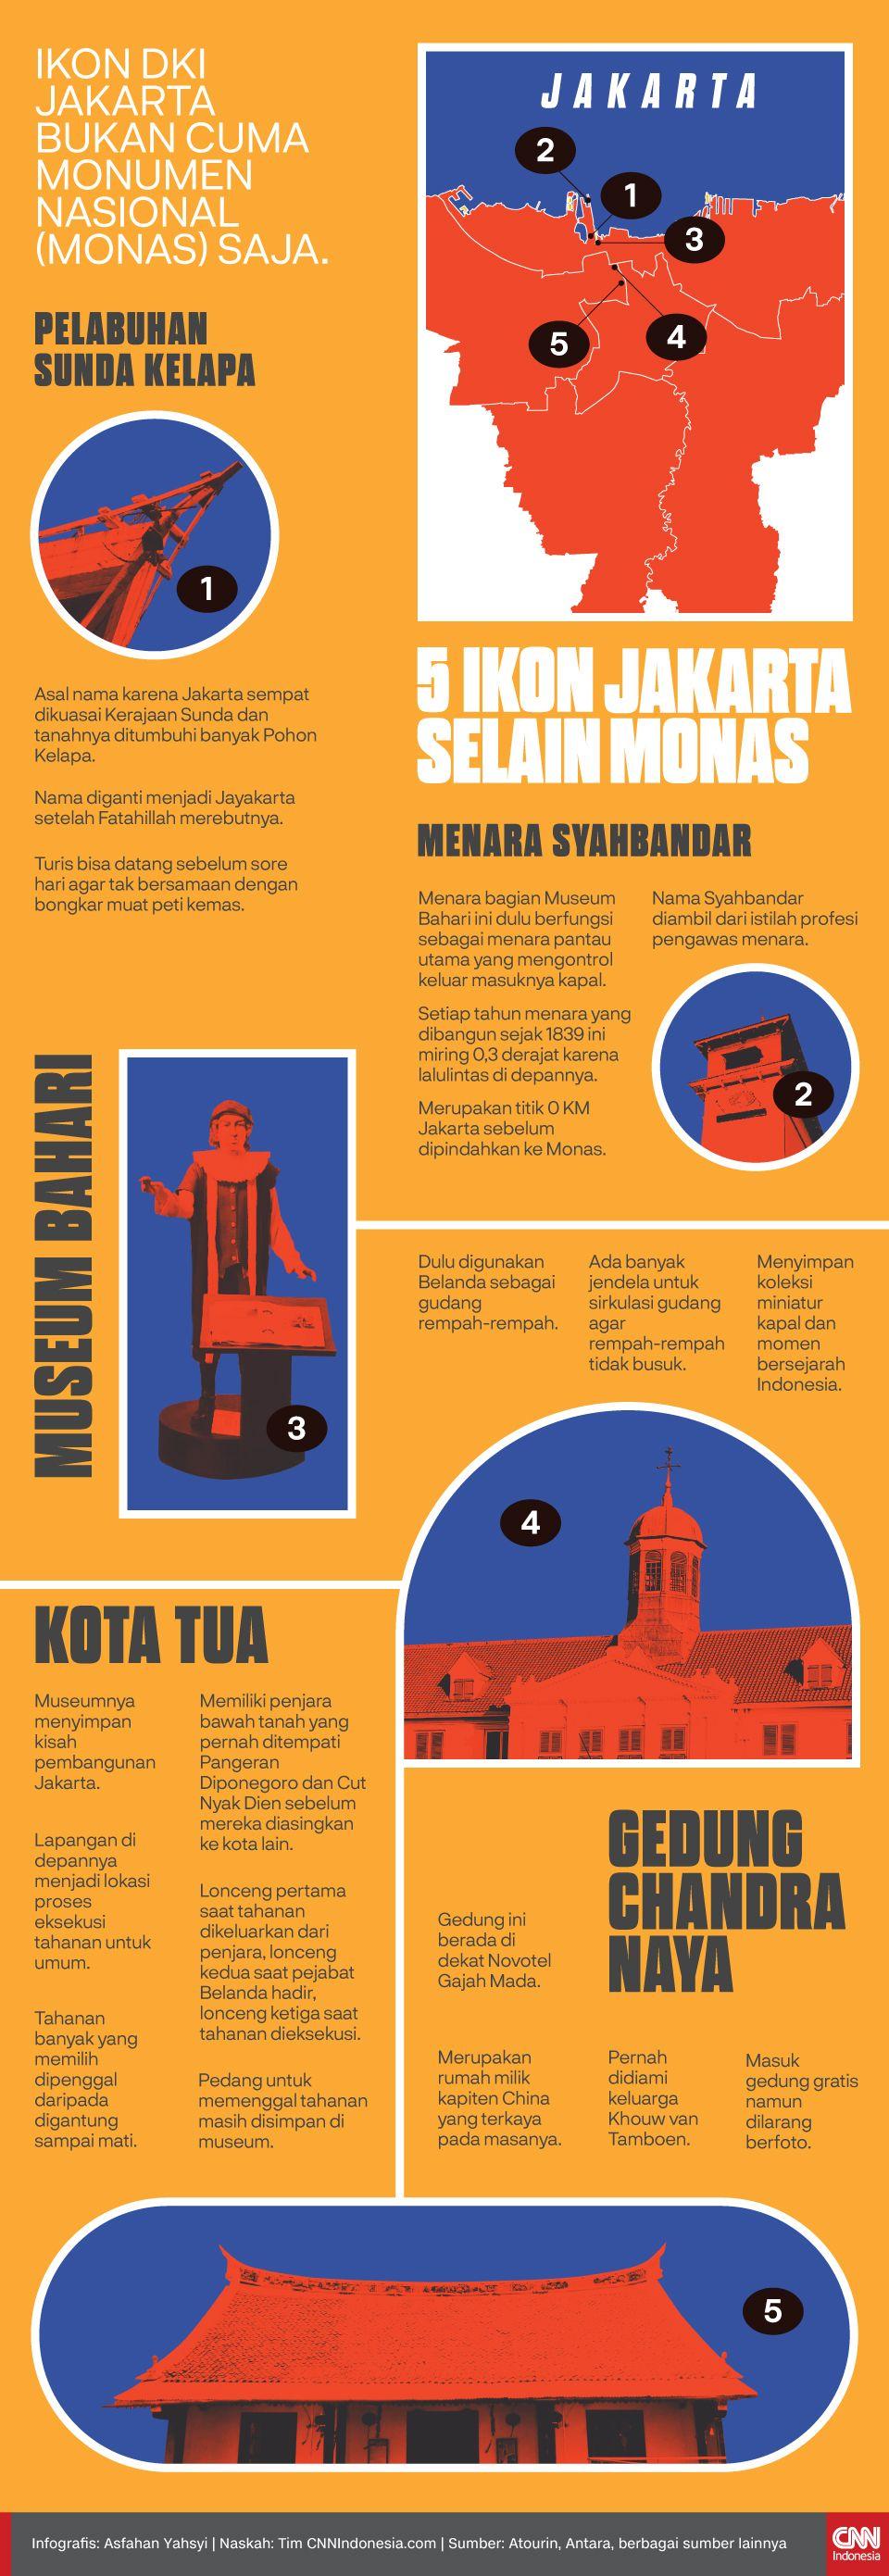 Infografis 5 Ikon Jakarta Selain Monas